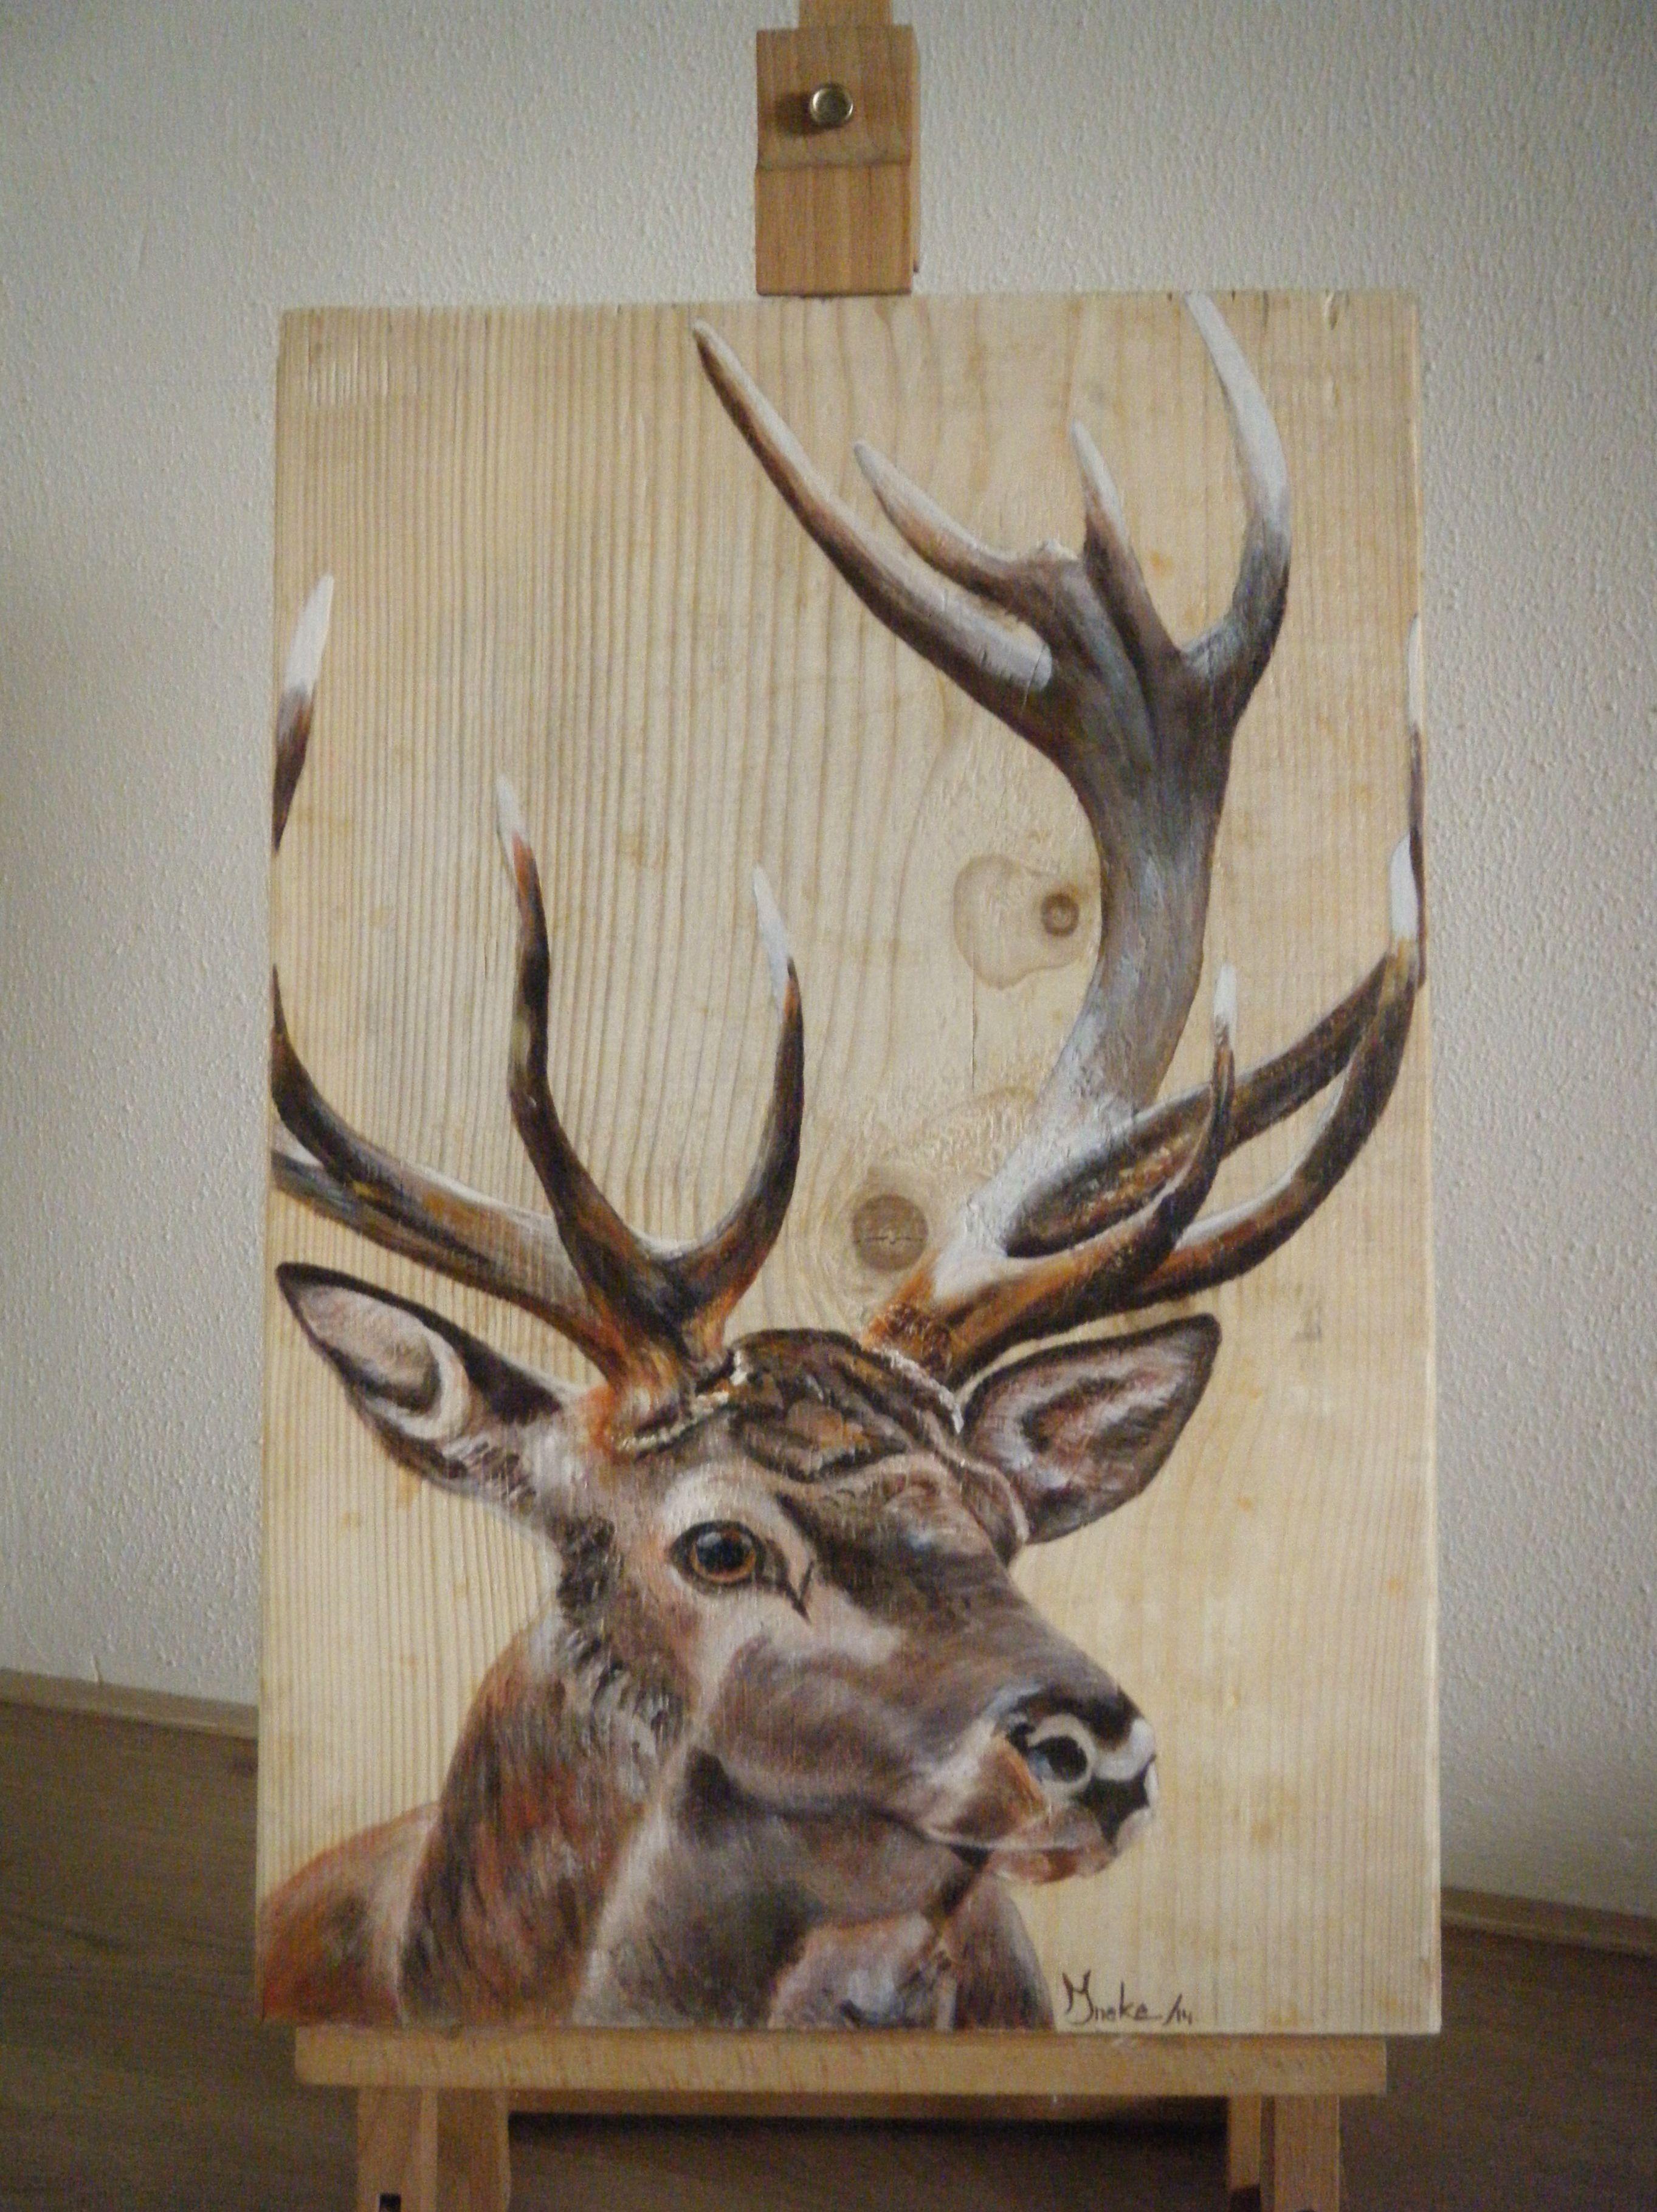 Edelhert geschilderd in opdracht op een kaasplank. Ineke Nolles ...